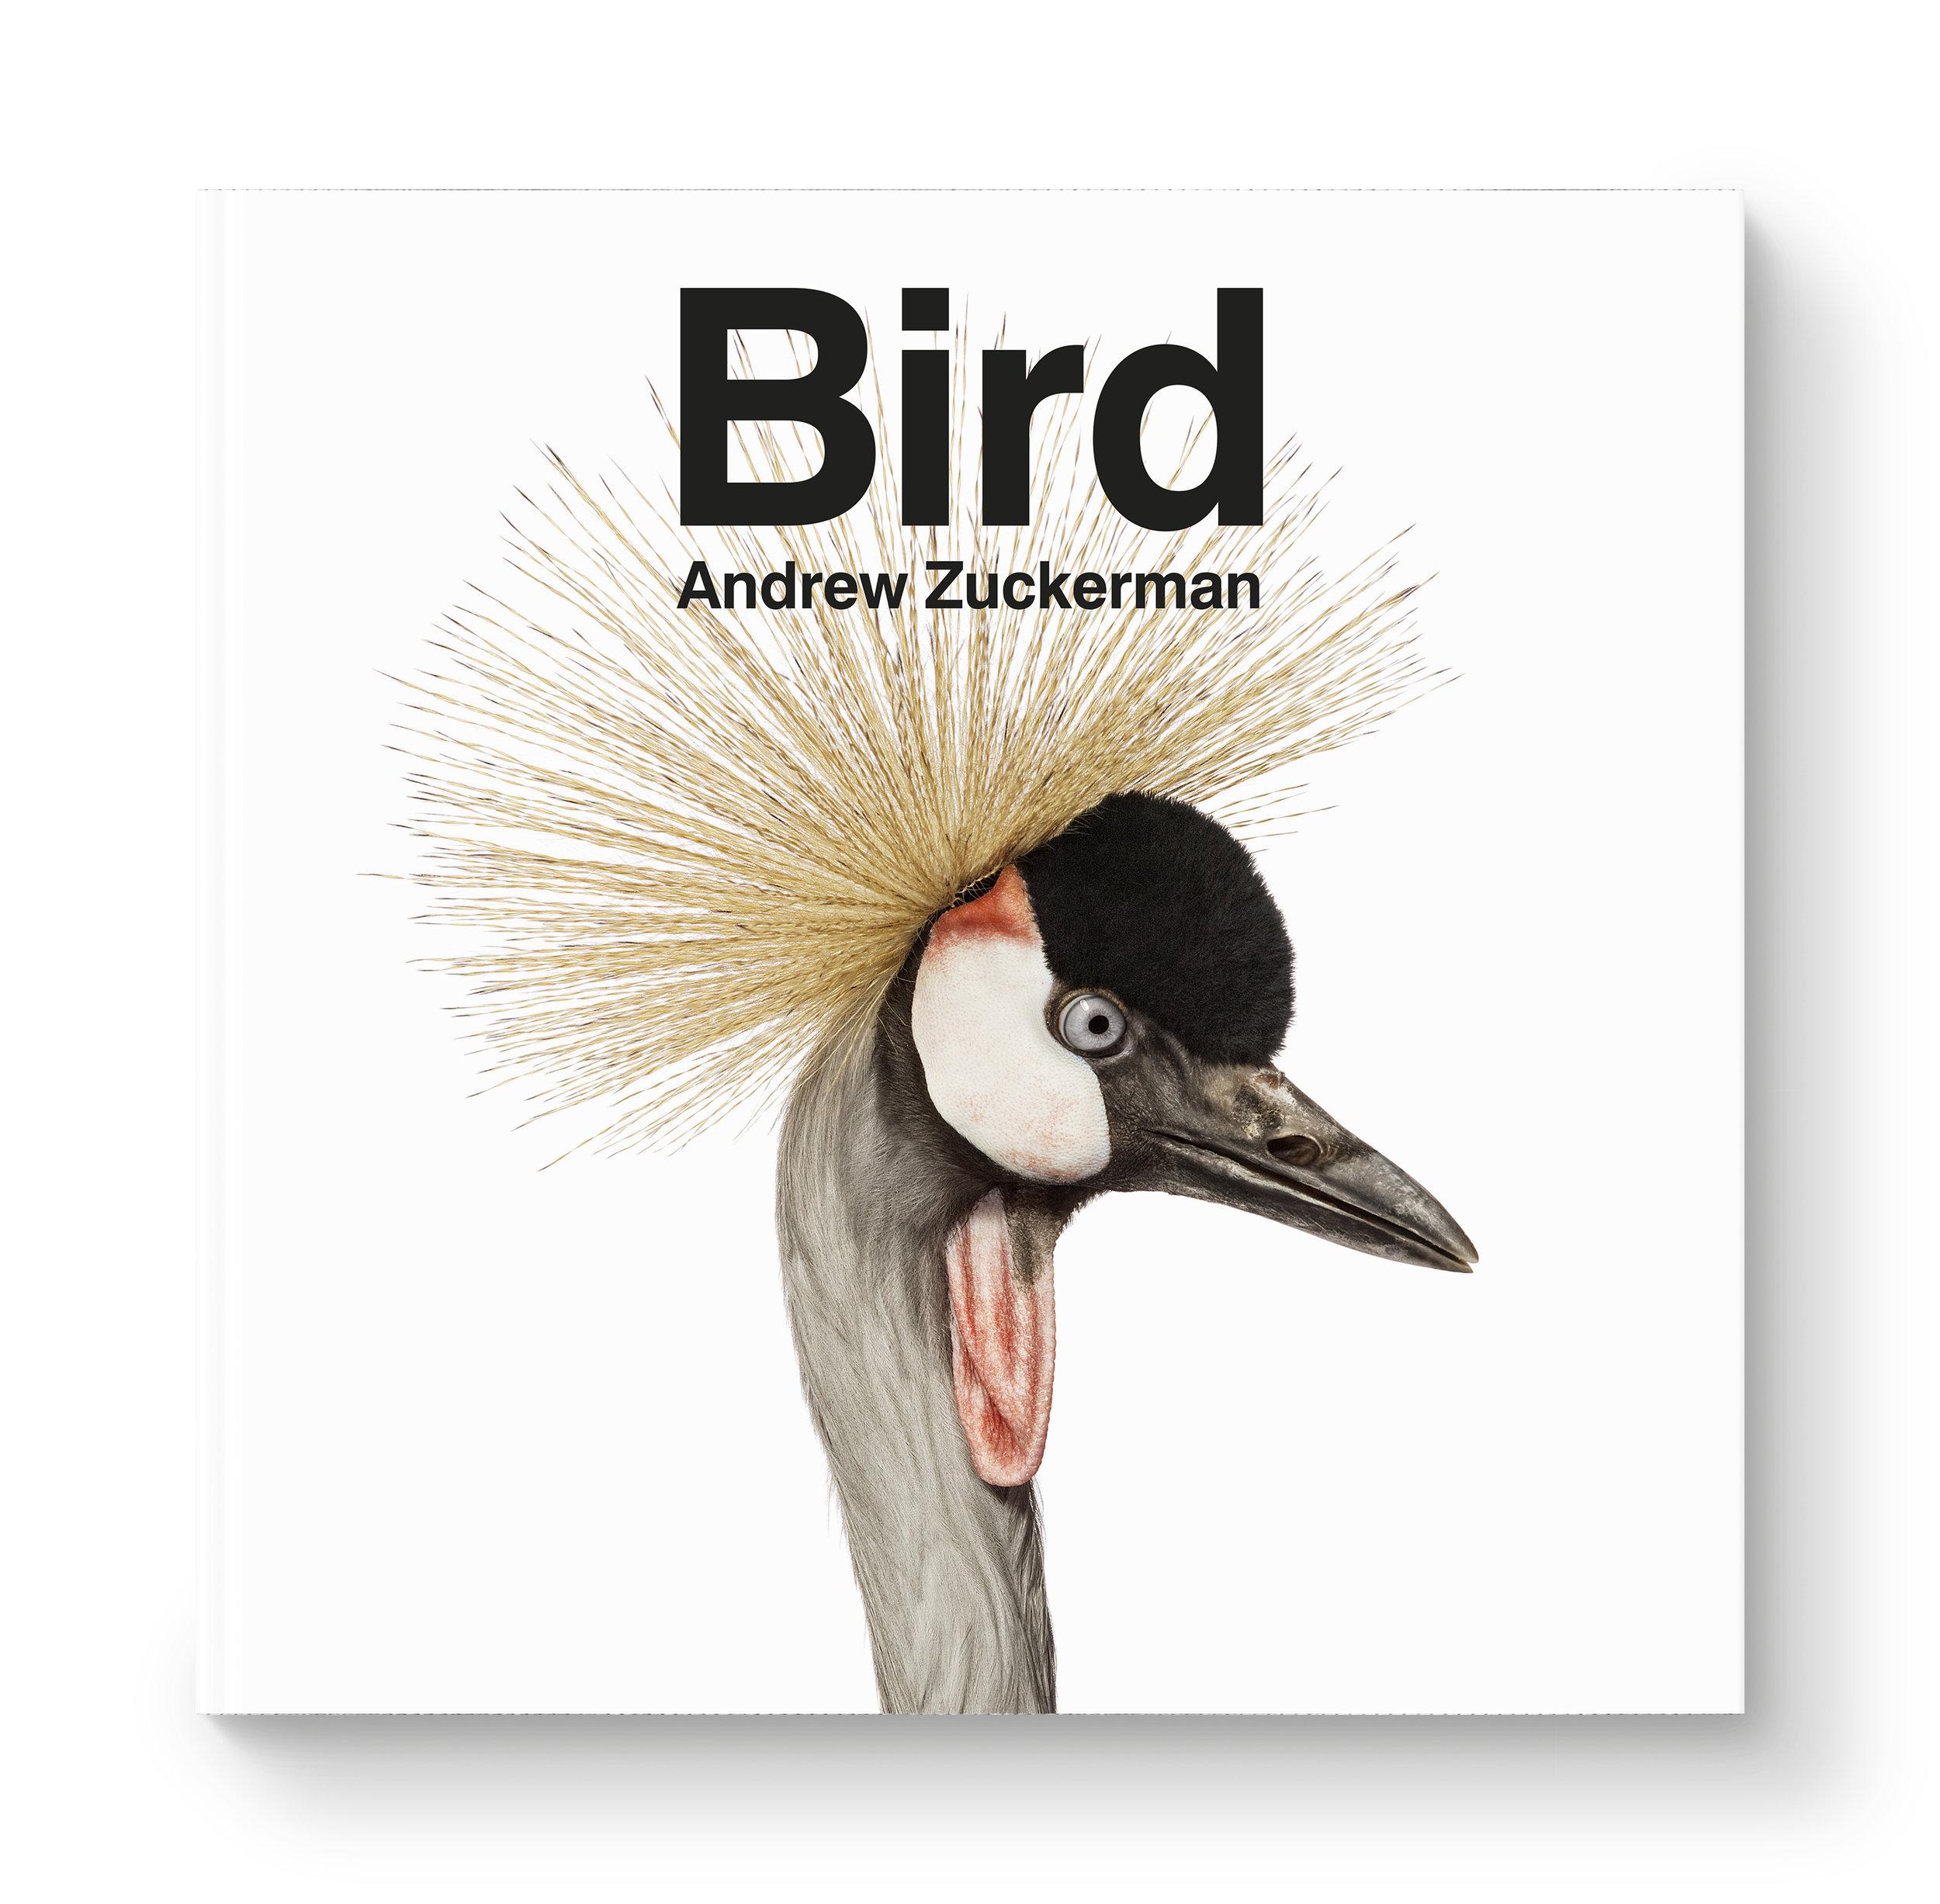 az-bird-jkt.jpg